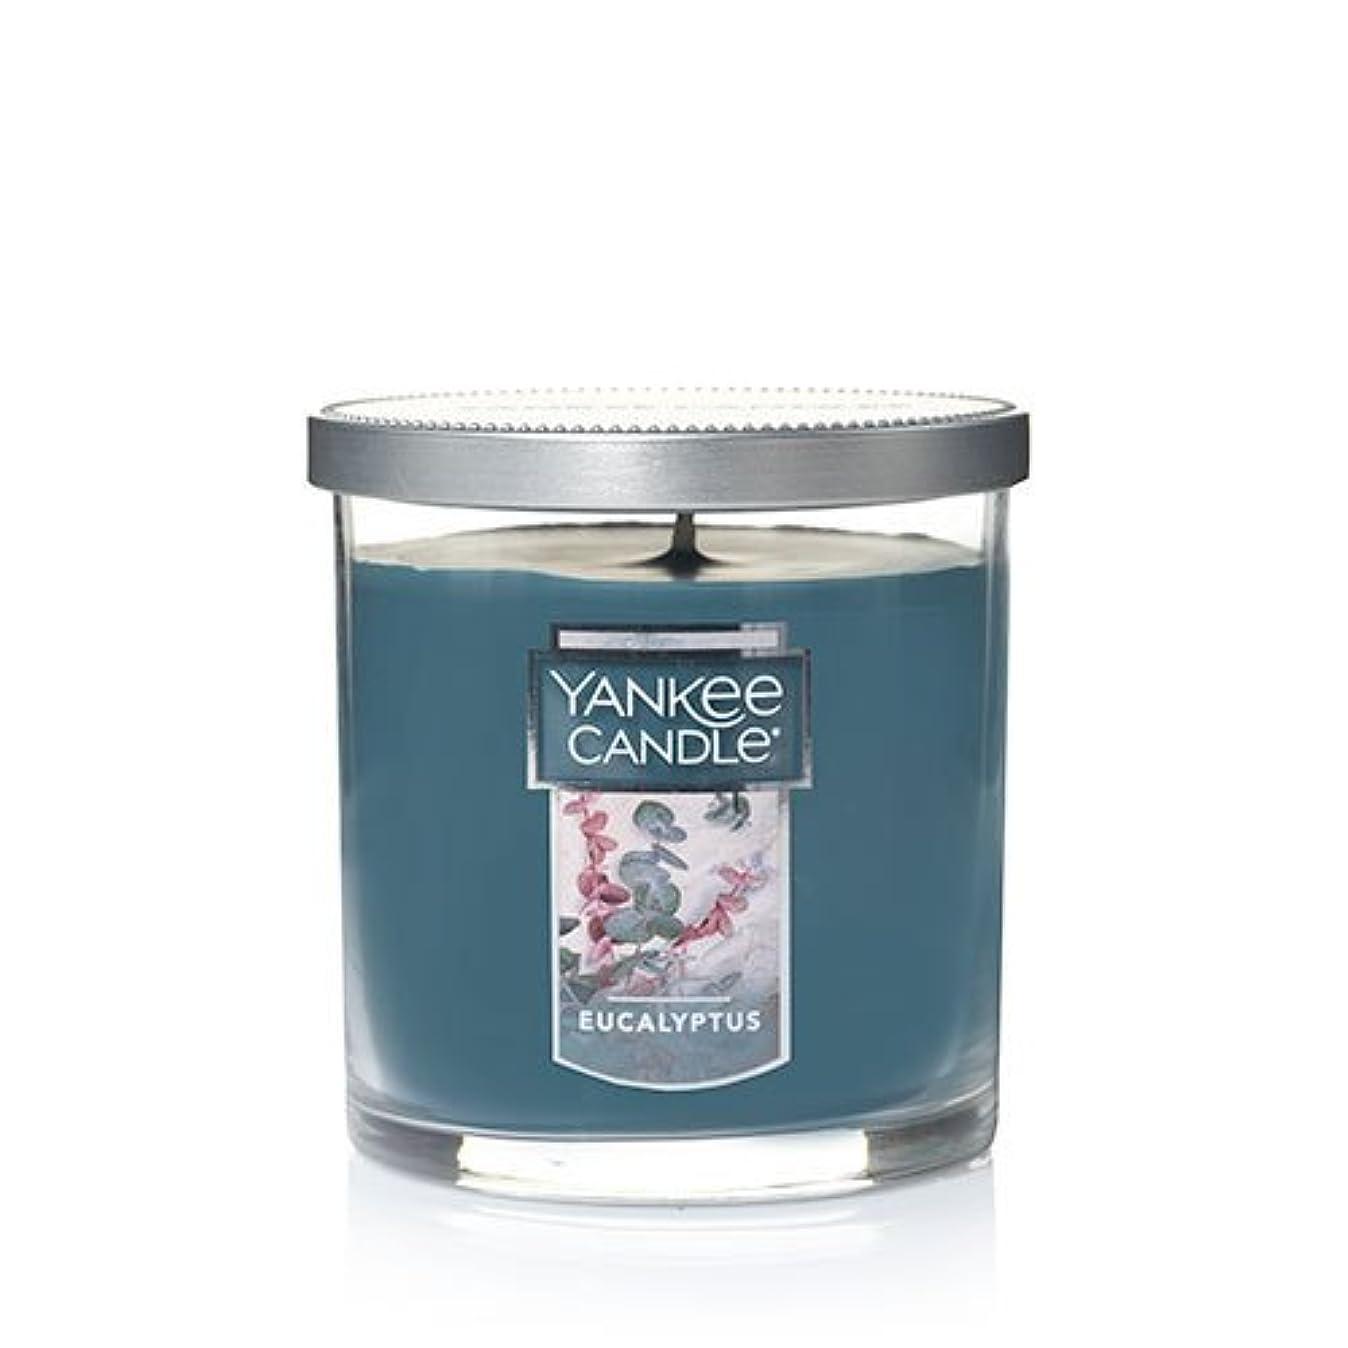 アレルギー避ける交通渋滞Yankee Candleユーカリ、新鮮な香り Small Single Wick Tumbler Candle グリーン 1185969Z